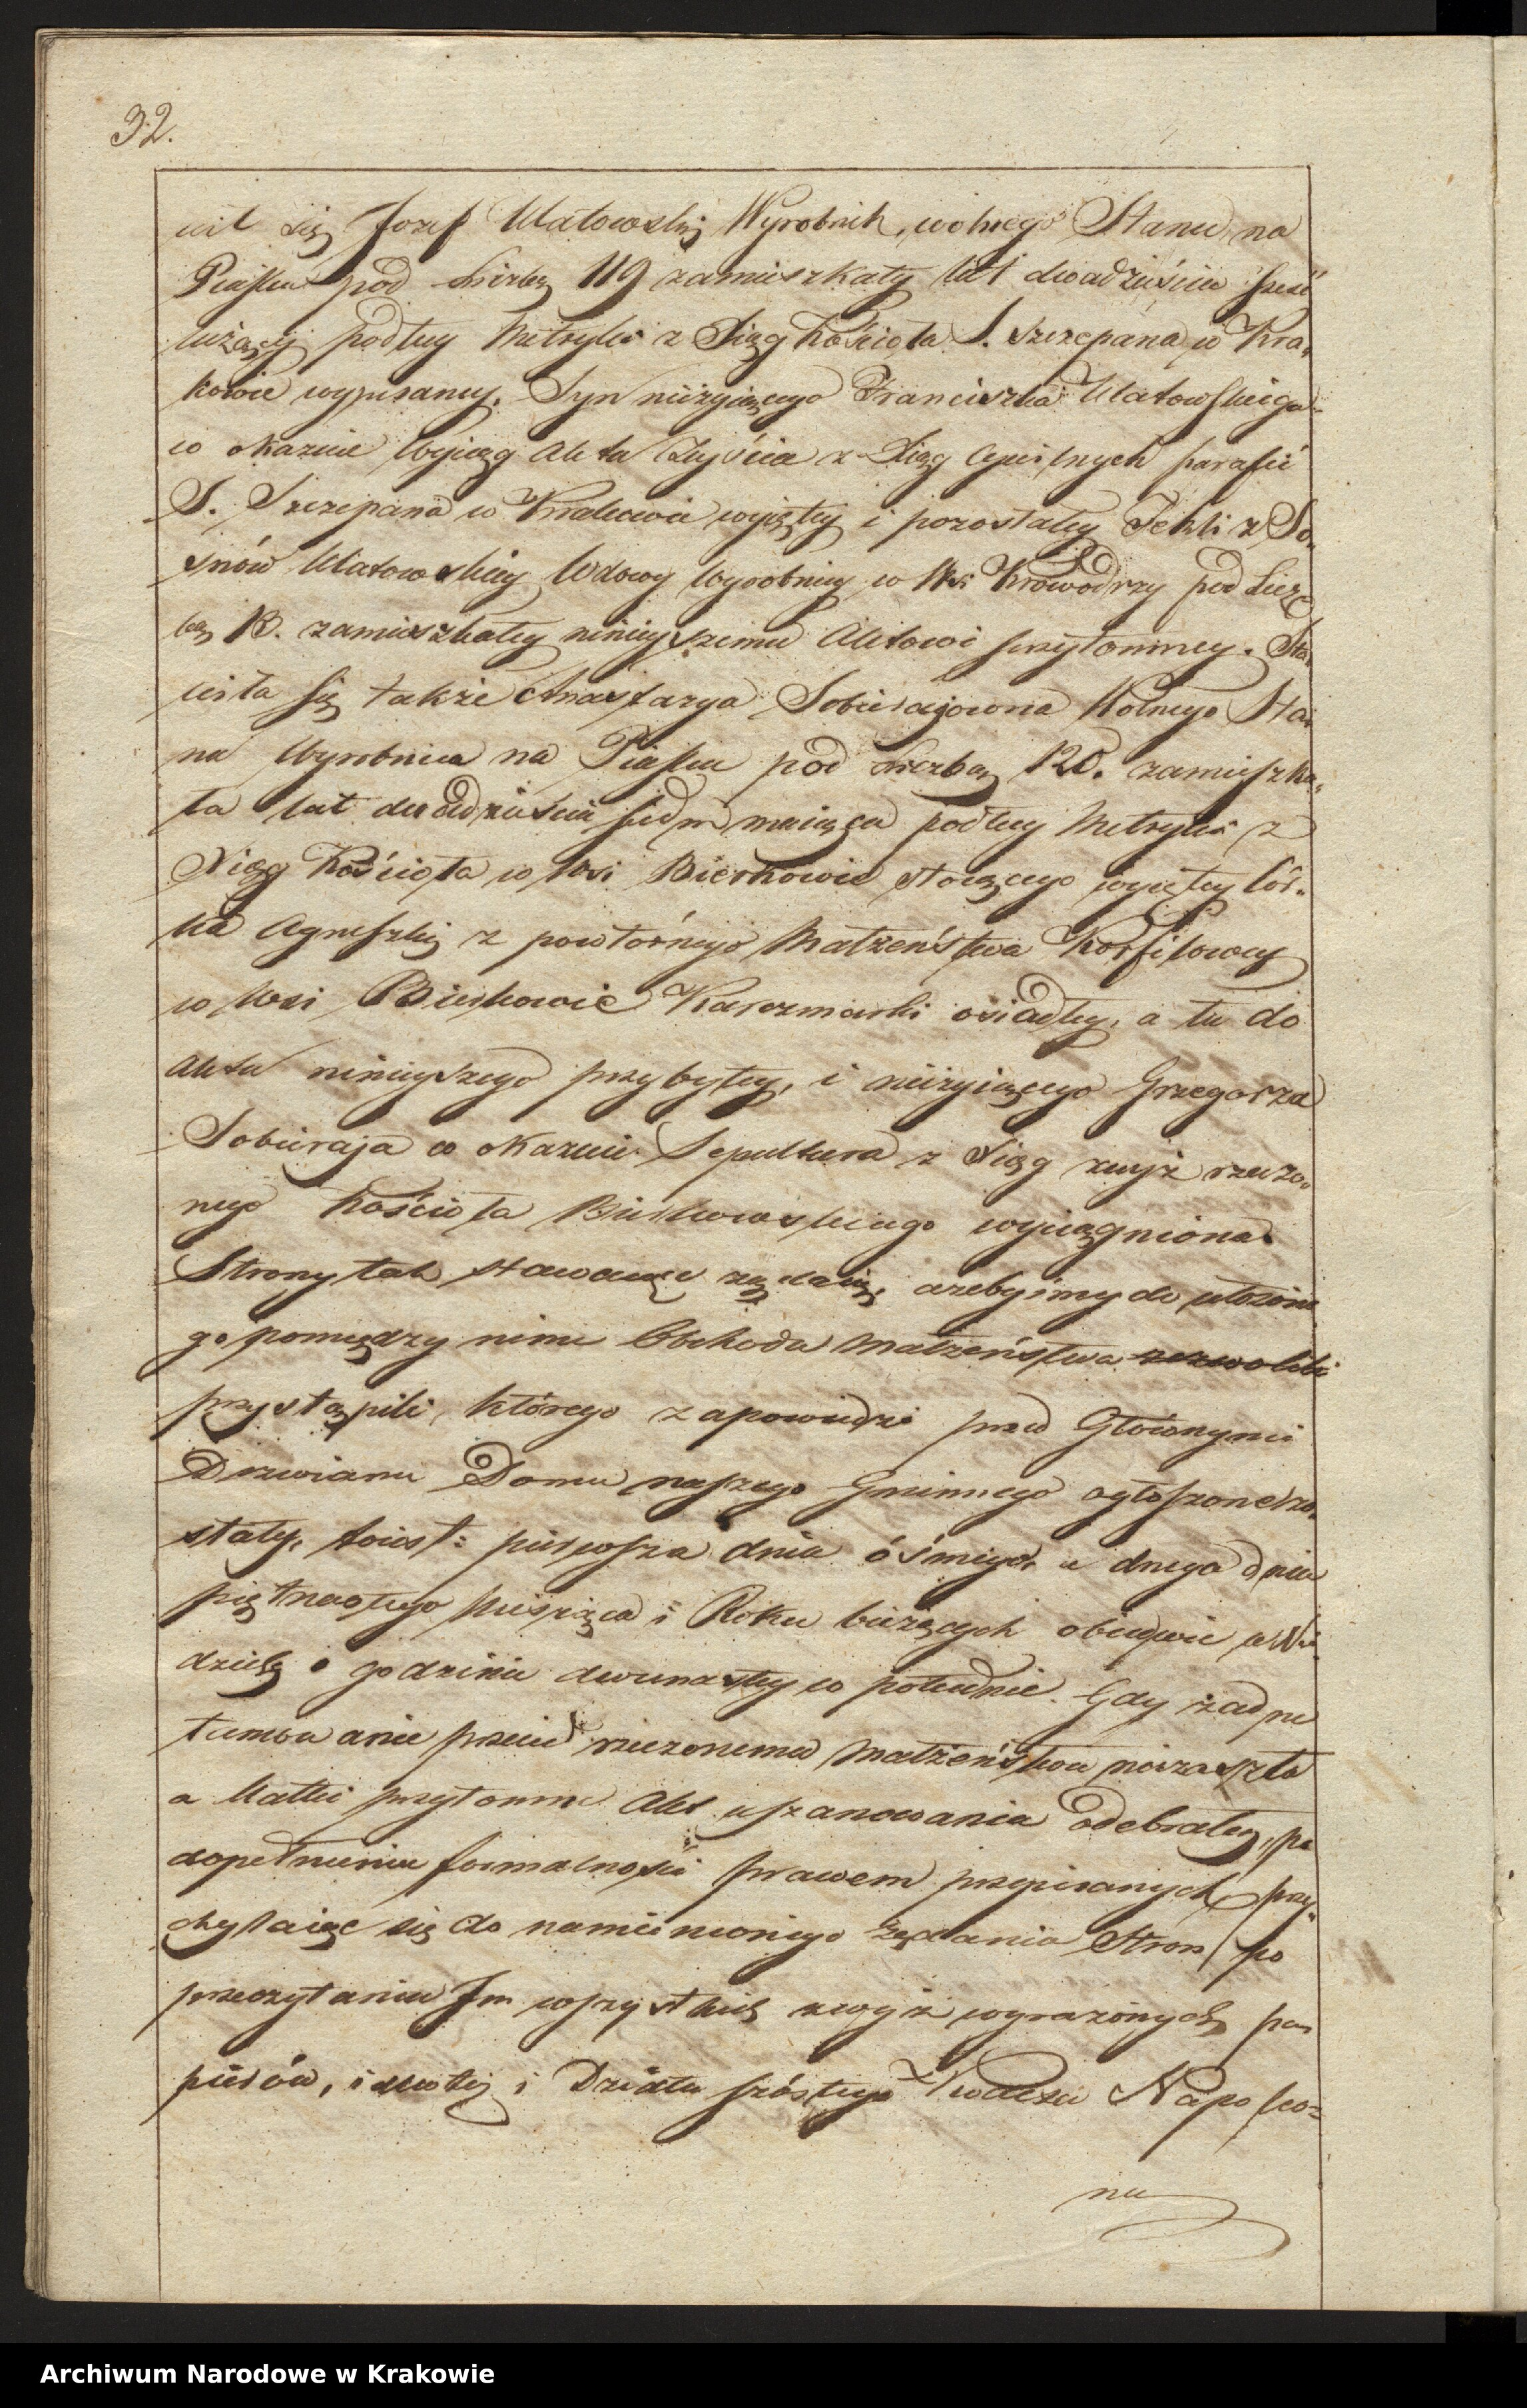 Skan z jednostki: Akta Zapowiedzi i Małżeństwa w Parafii Sgo Szczepana w Krakowie na Piasku od dnia 1go Mca Stycznia 1824